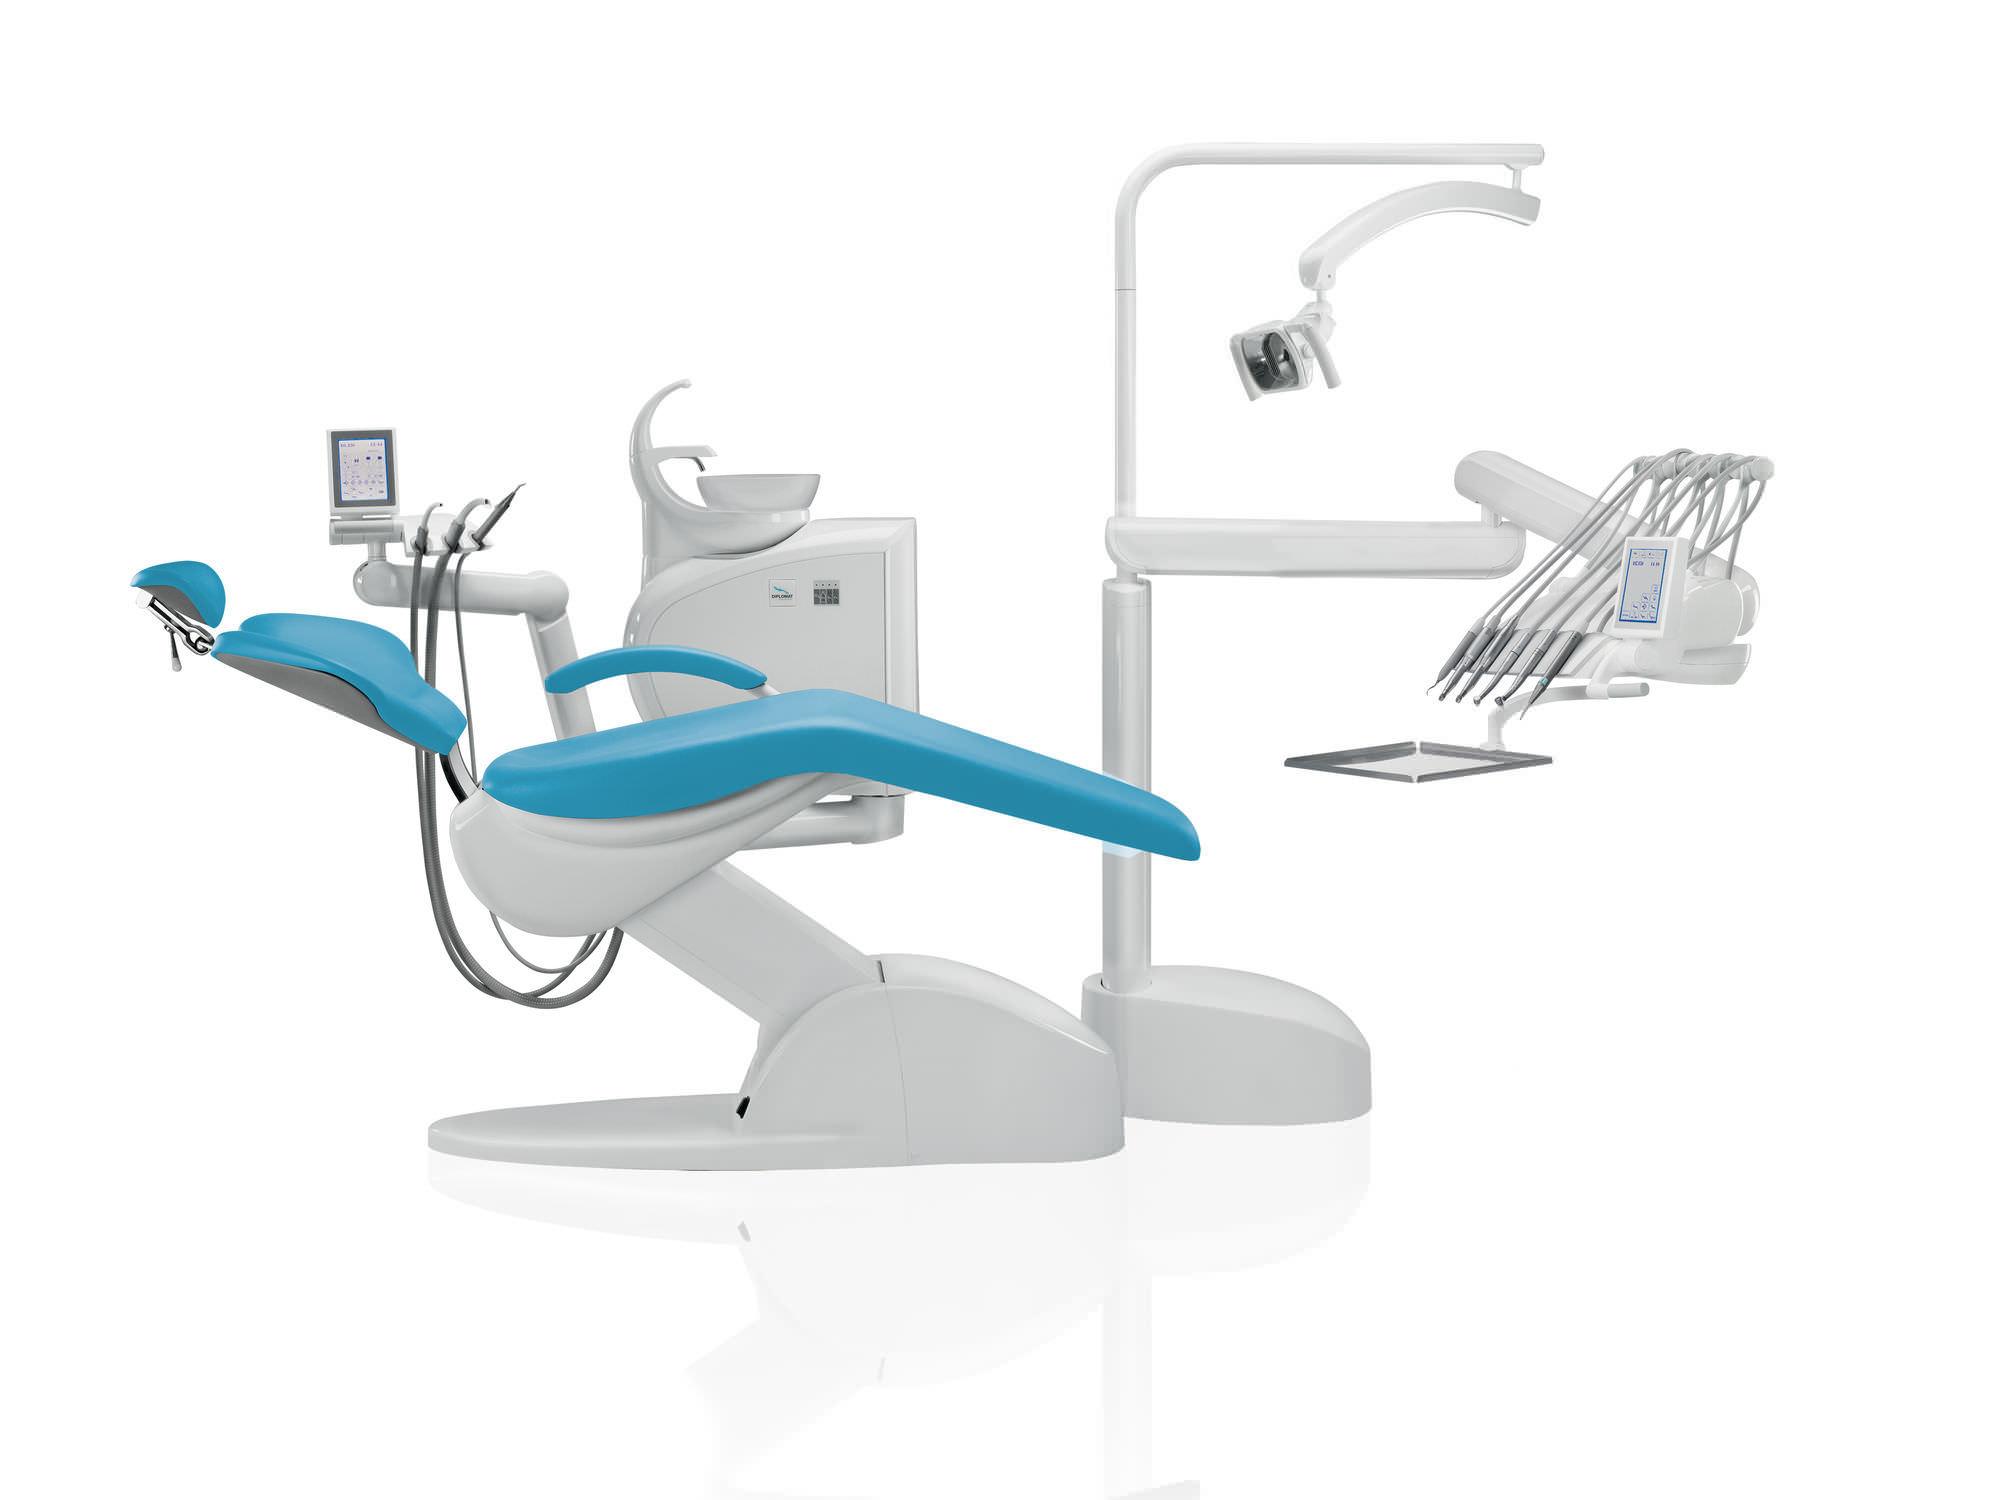 S Diplomat Dental Dentaire Éclairage r Unité Avec Dc350 oVidéos 0N8nwm